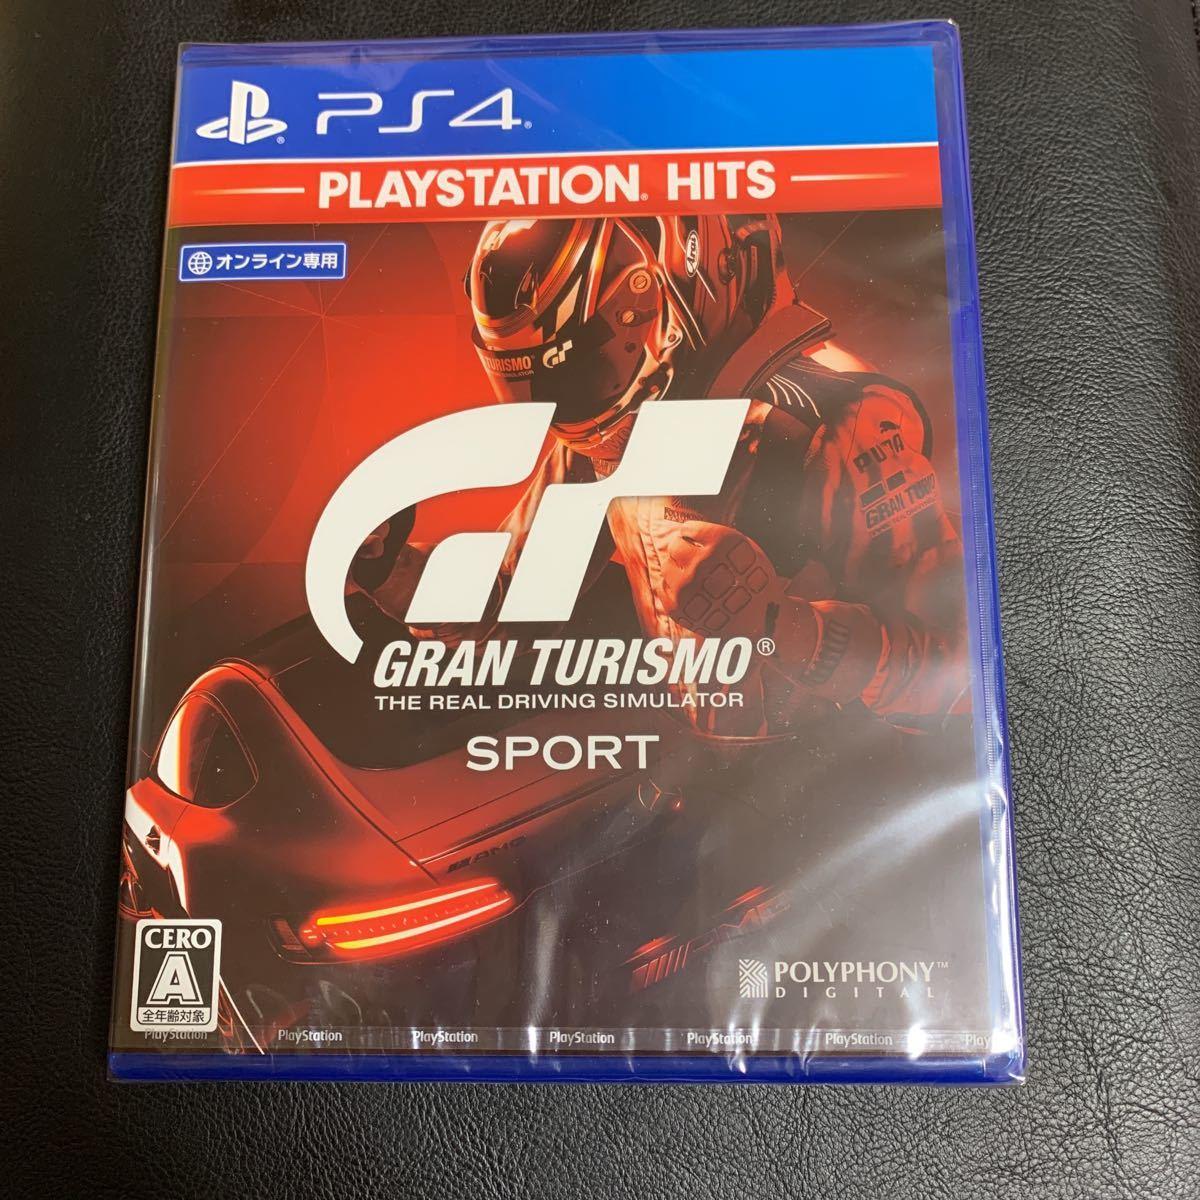 GRAN TURISMO グランツーリスモSPORT PS4